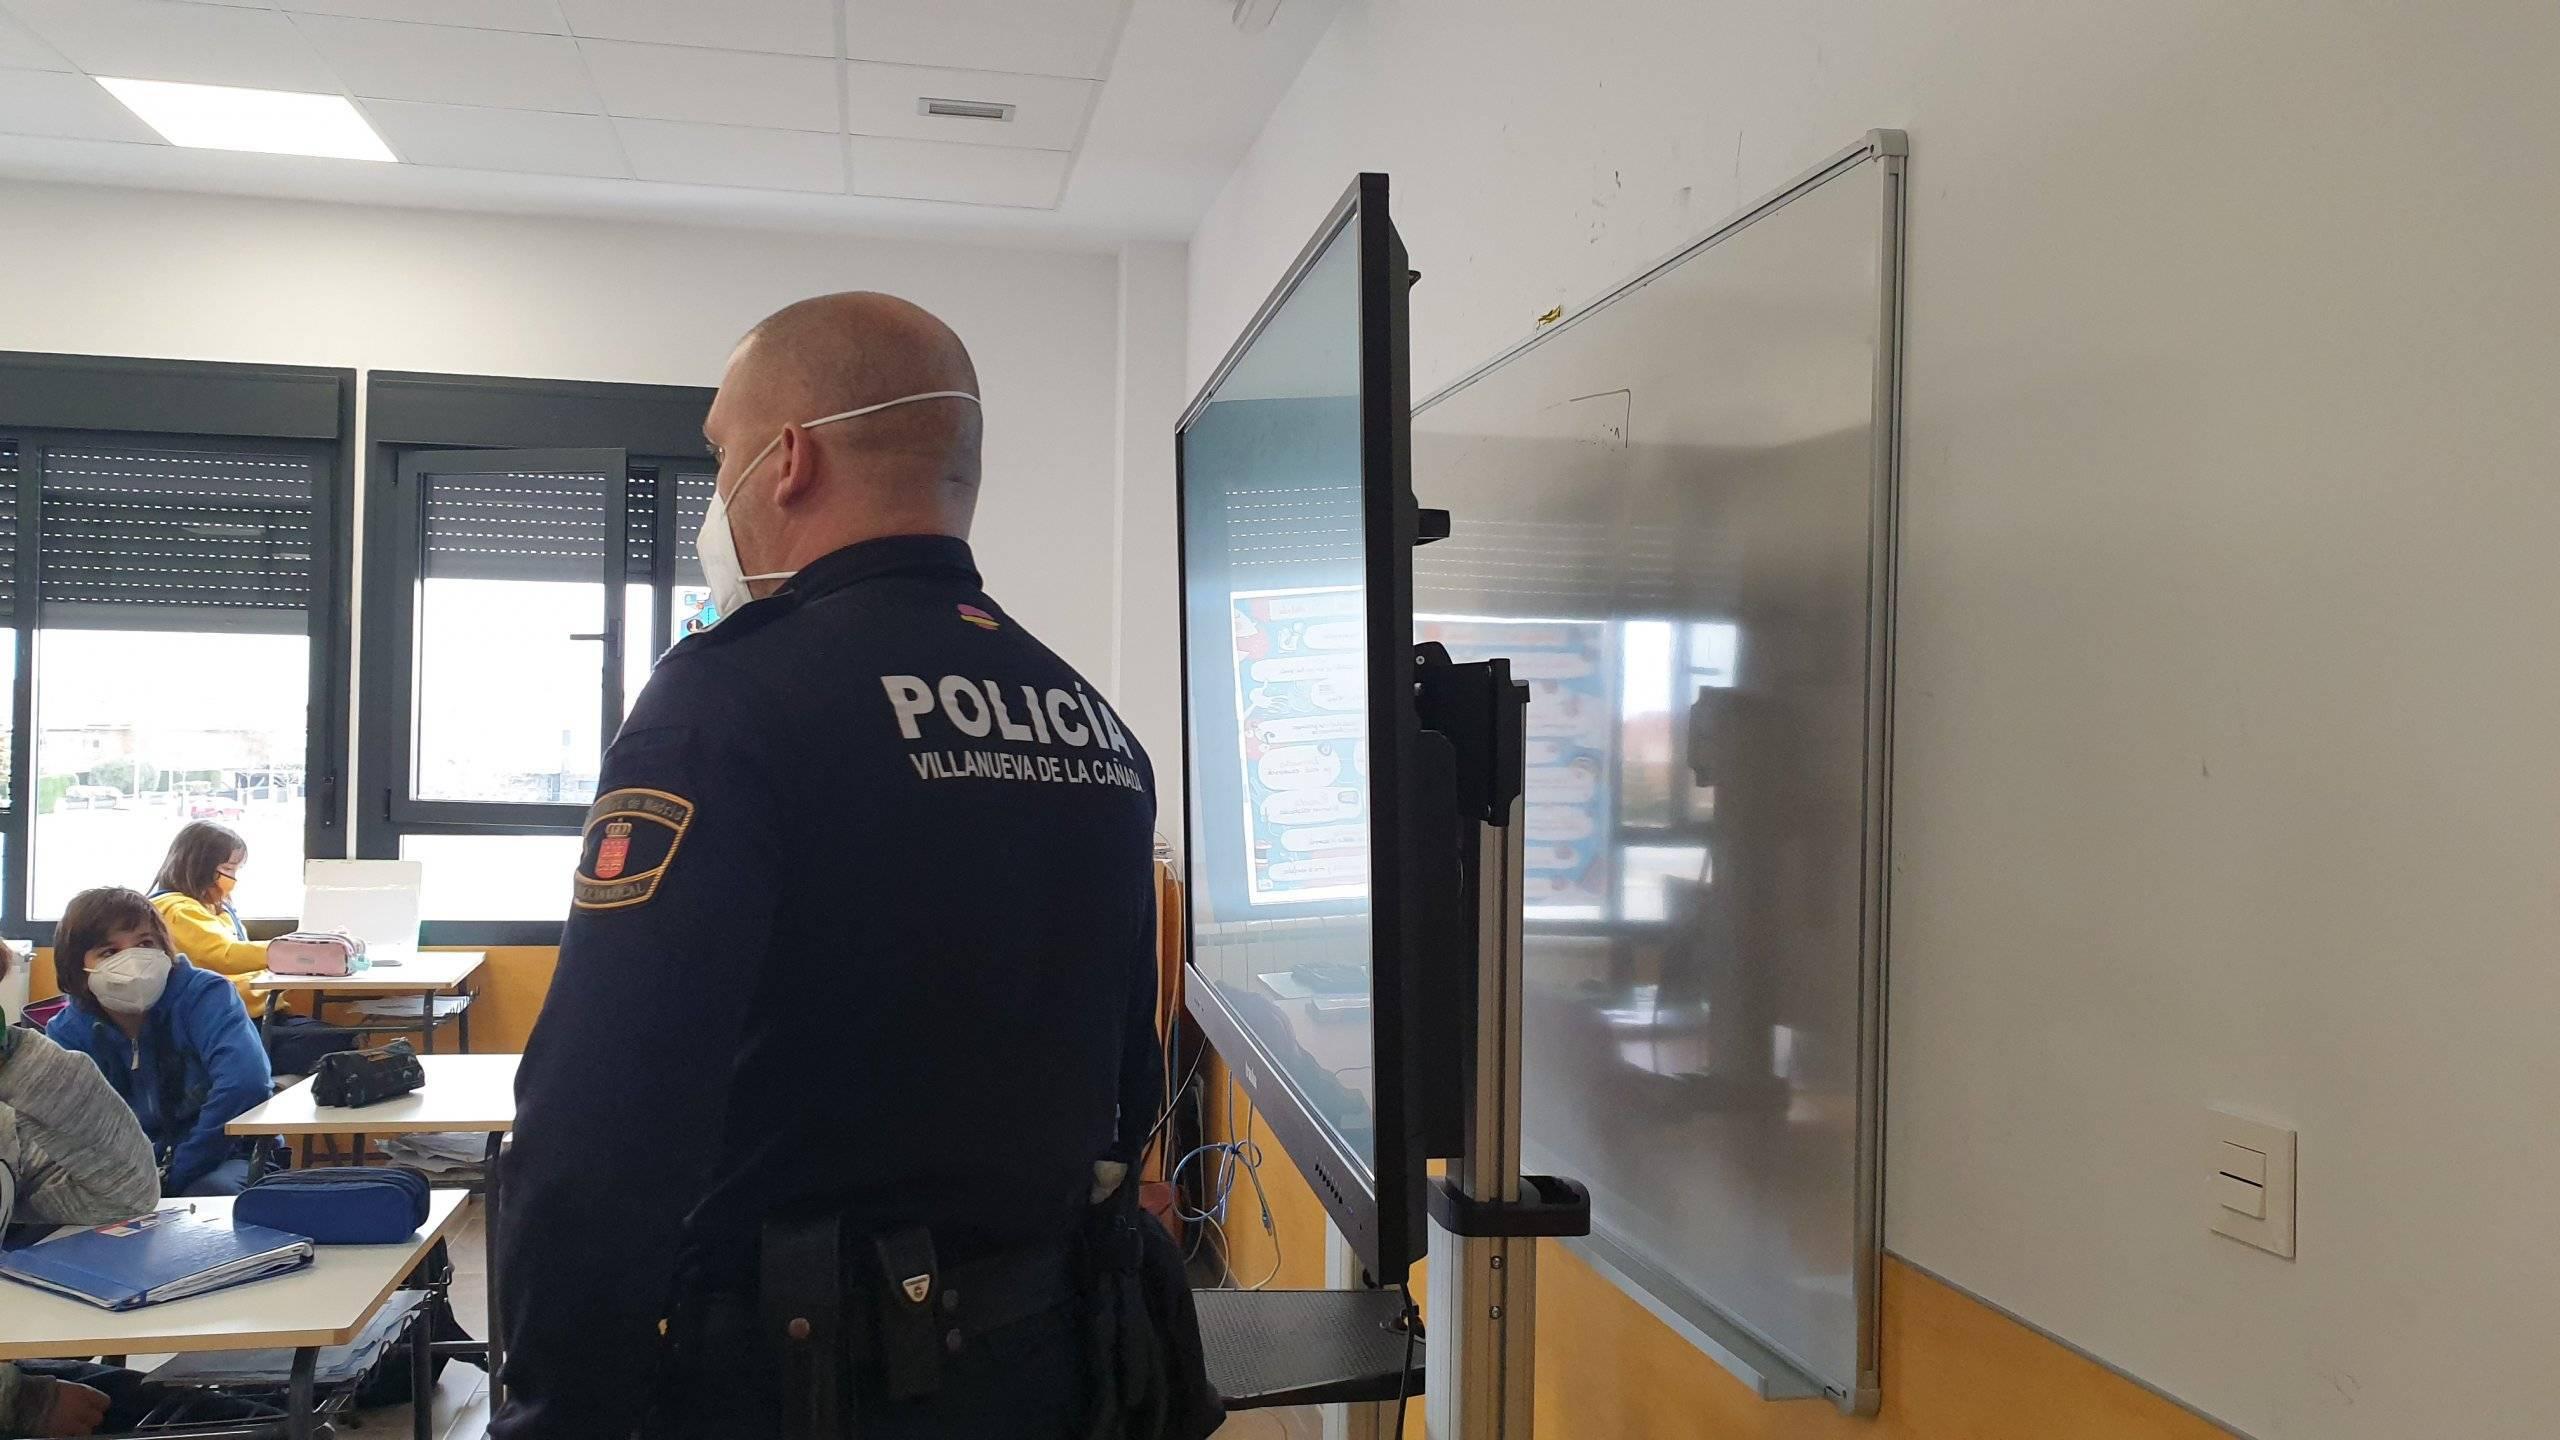 Policía de la Unidad de Agente Tutor impartiendo una charla ante escolares.